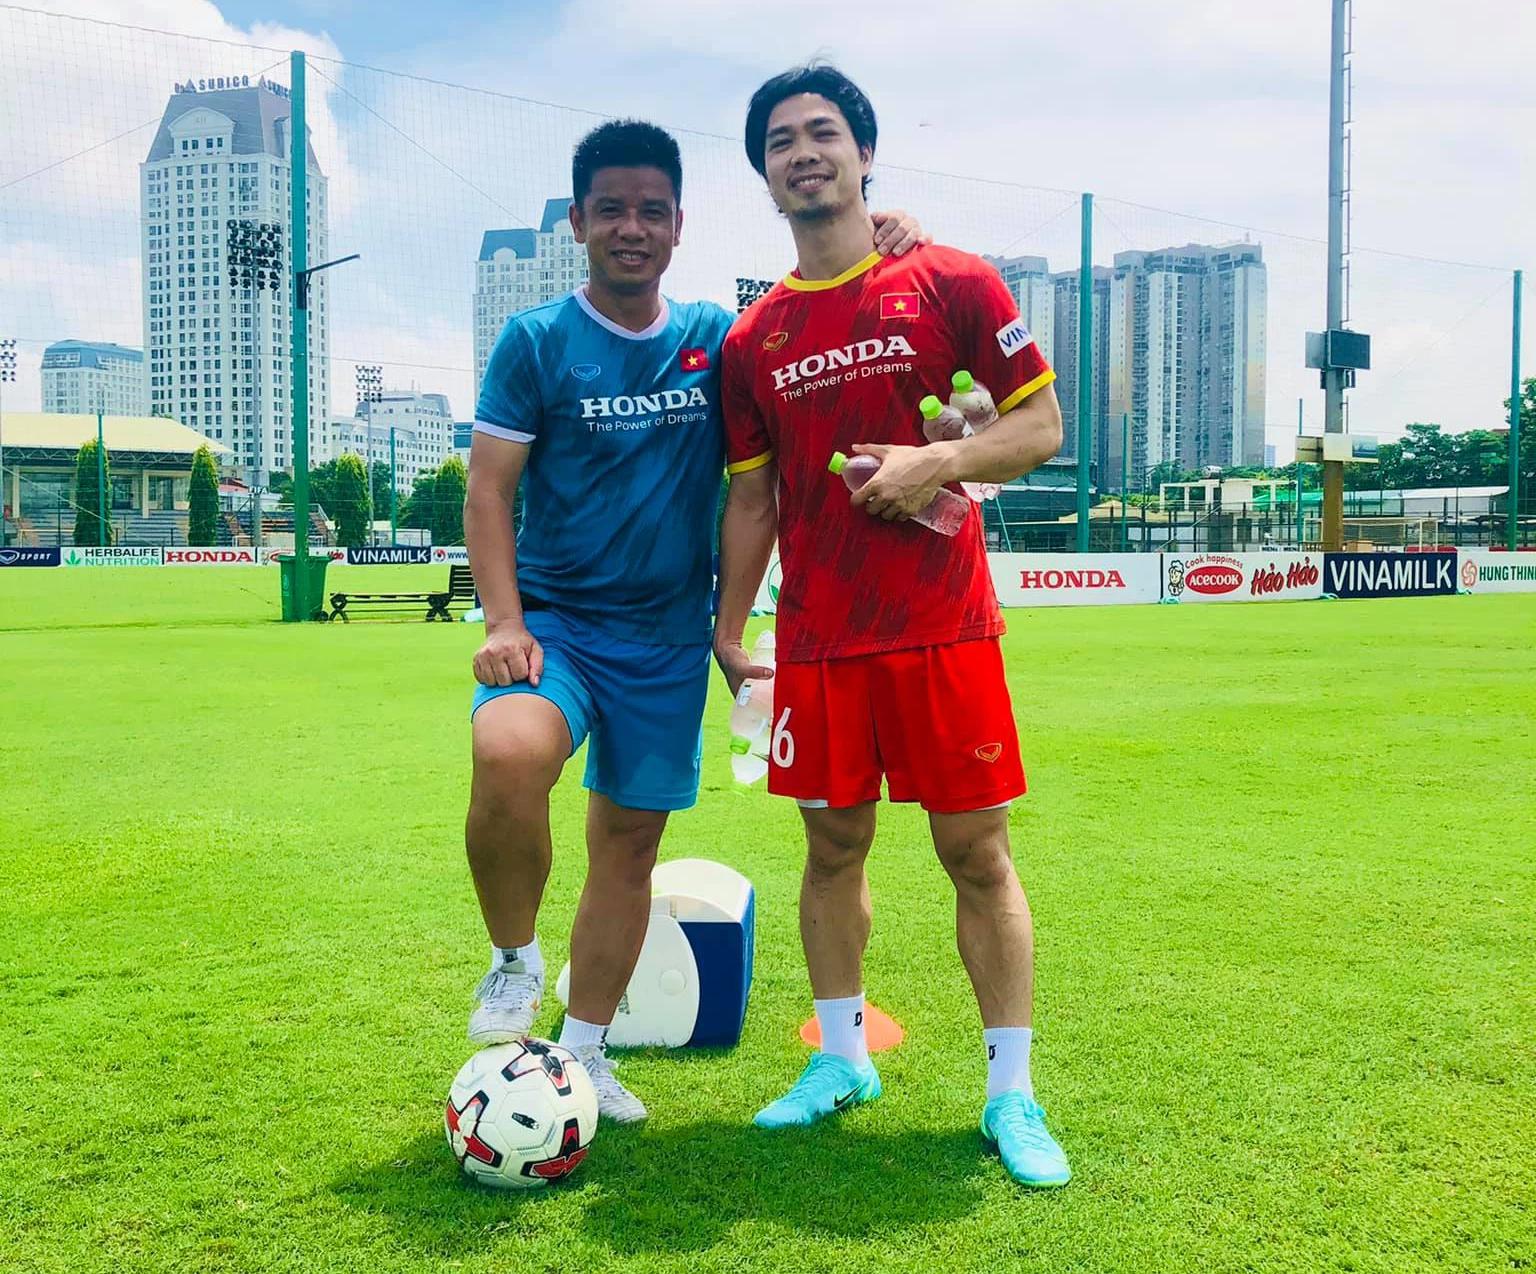 Tuyển Việt Nam triệu tập 32 cầu thủ cho trận gặp Trung Quốc: Công Phượng trở lại - Ảnh 1.